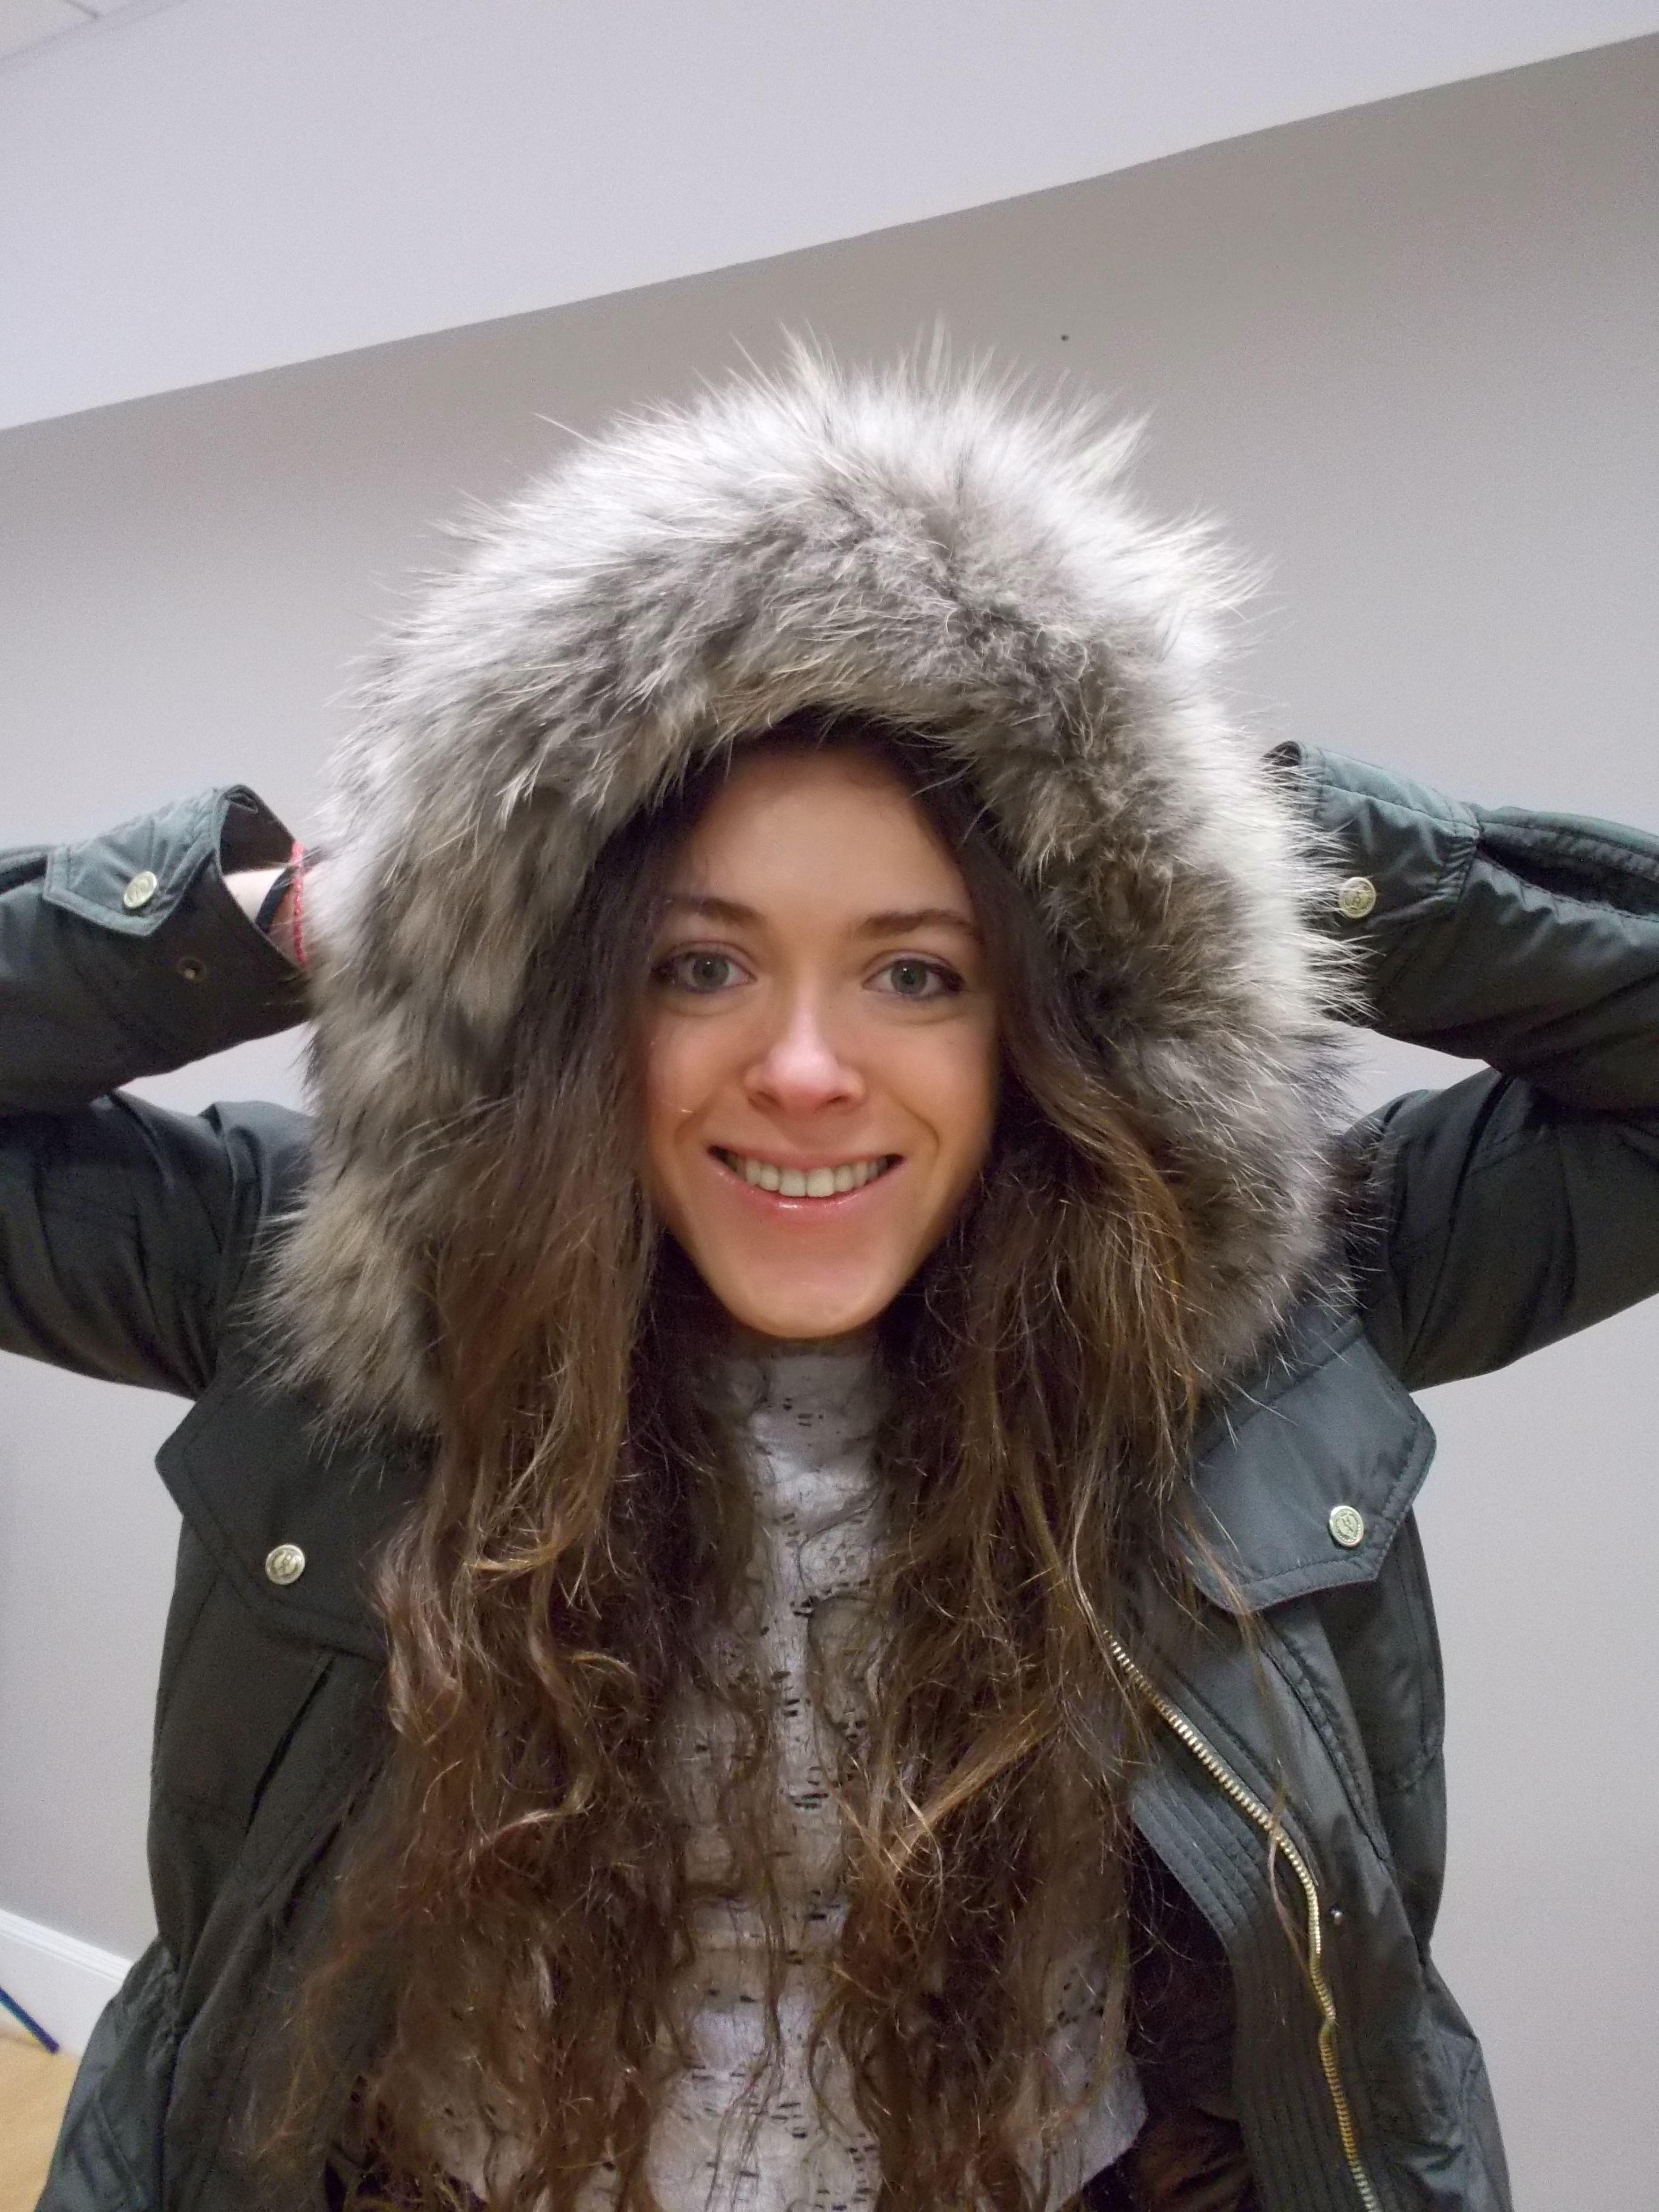 aadf04c2de5 Beautiful girl with fur hooded winter padded coat from Henry Arroway/ Chica  guapa española con abrigo de guata y capucha de piel de Henry Arroway  España/ ...